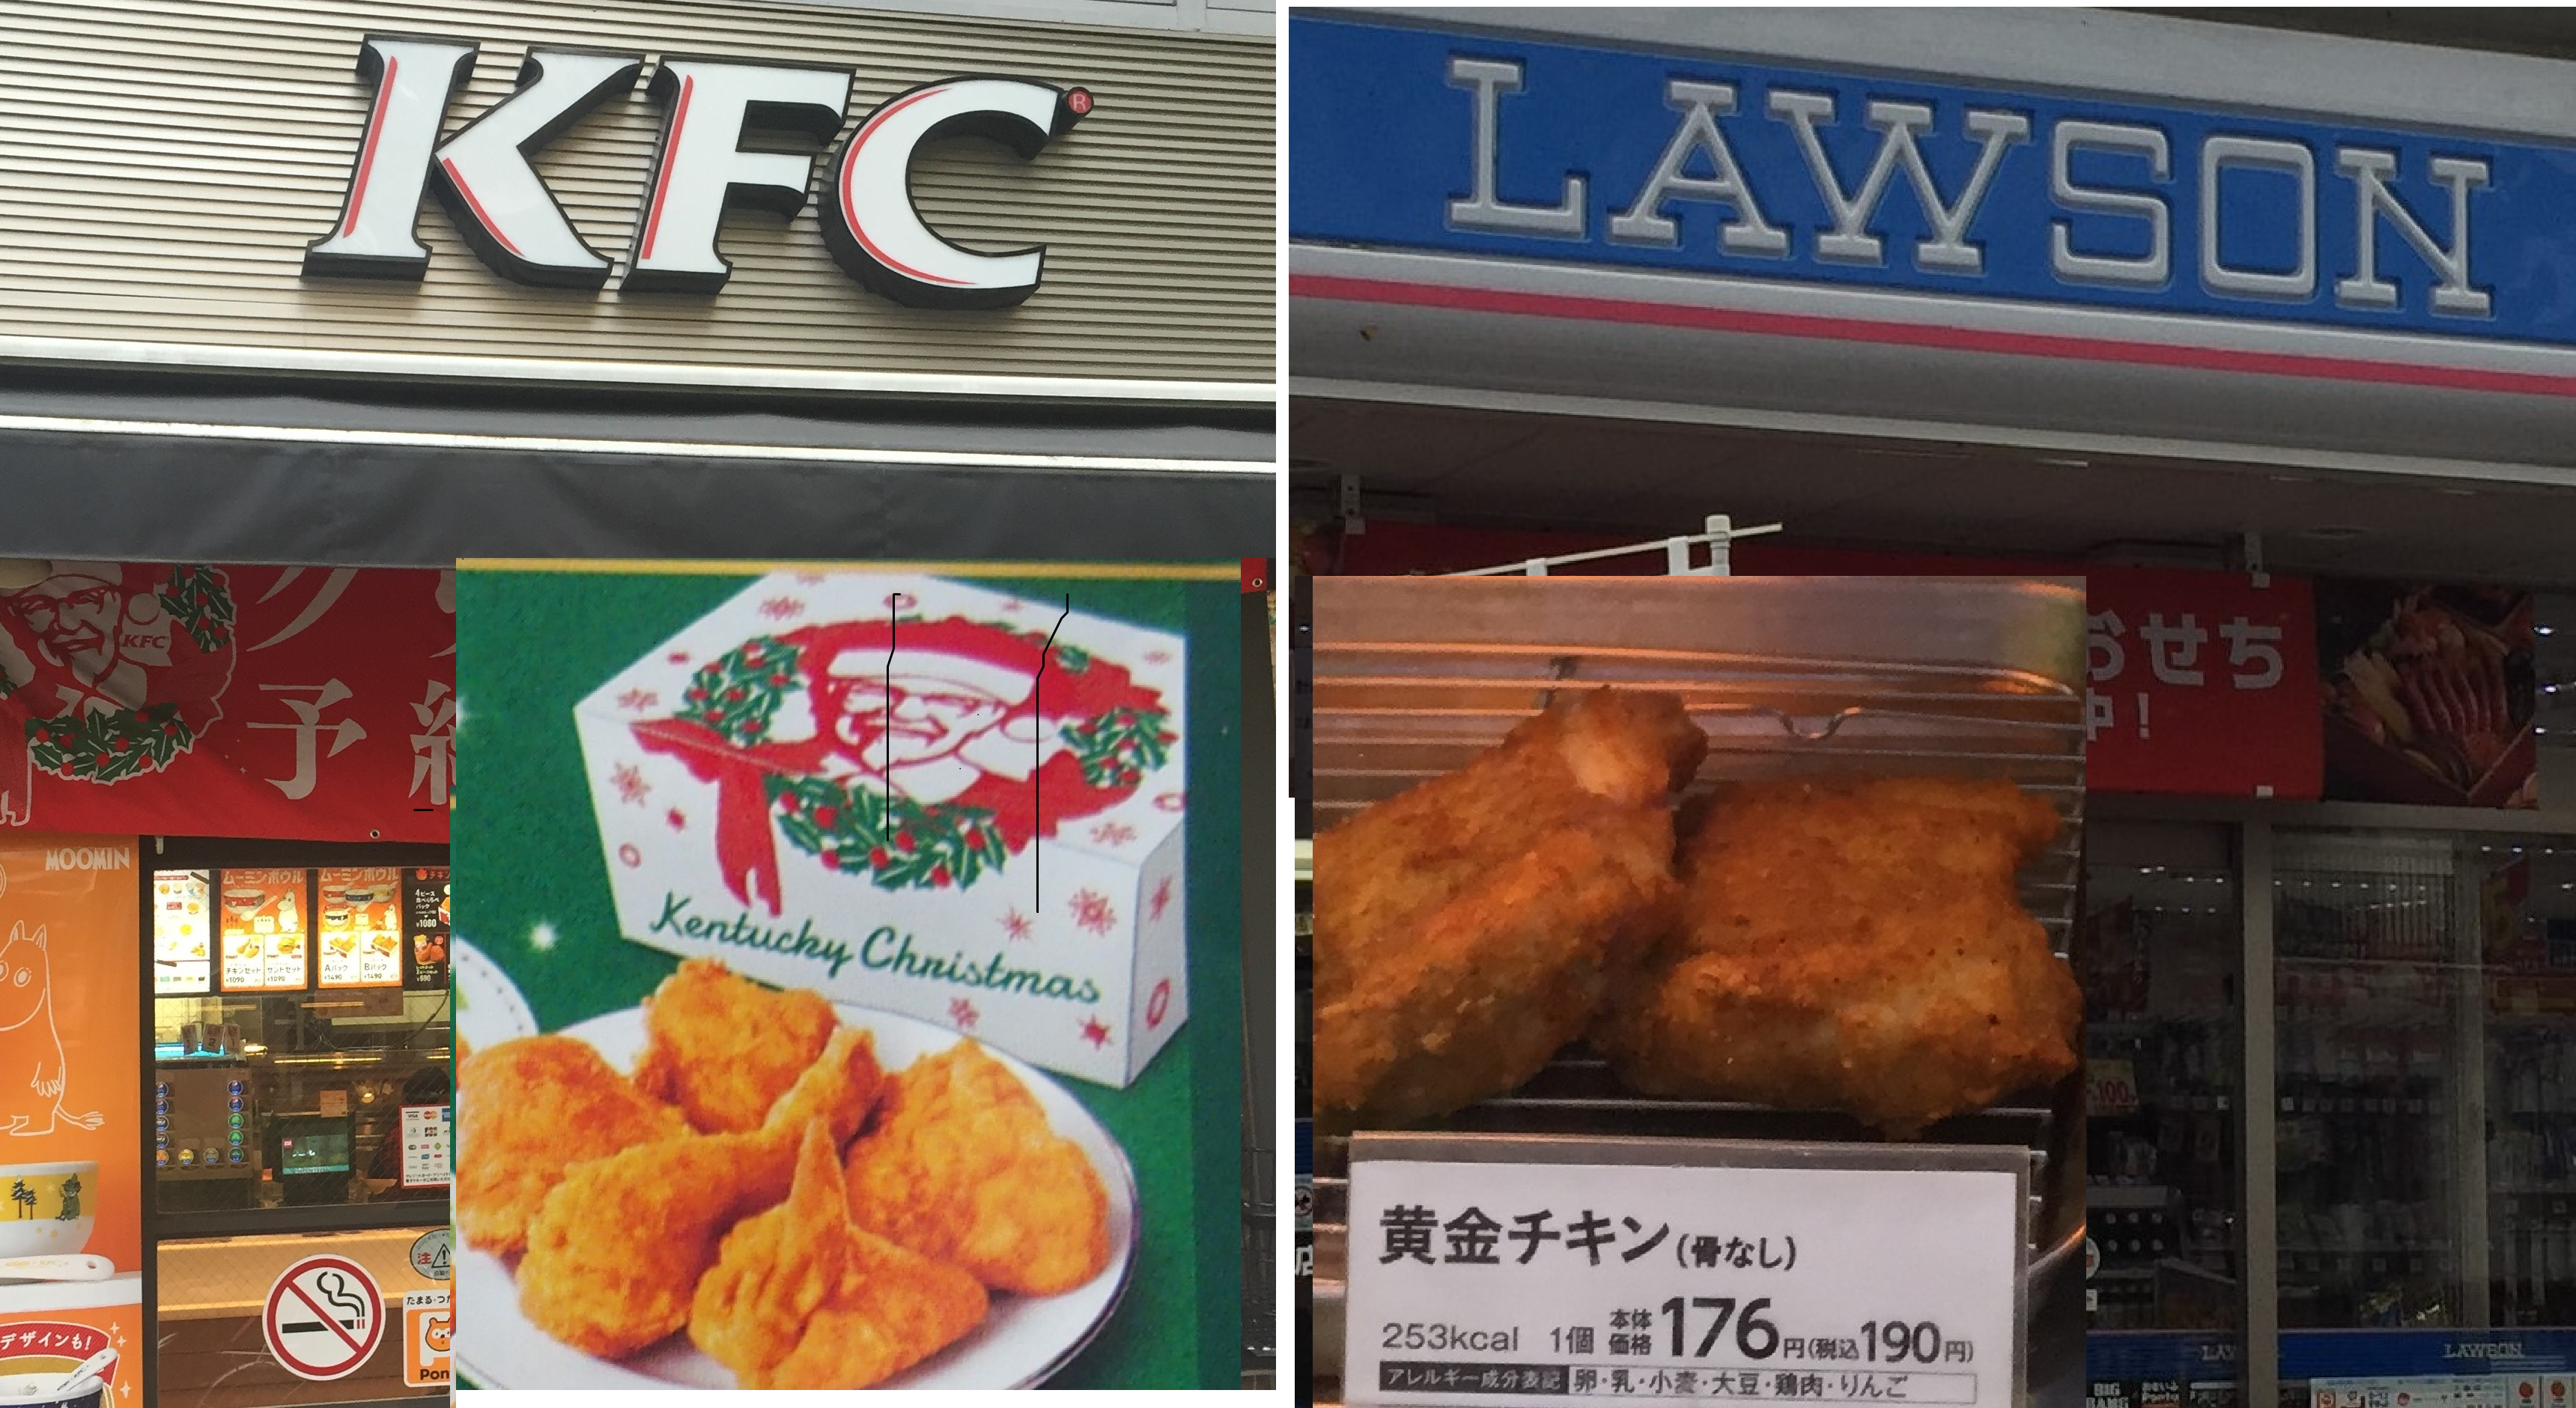 過熱するチキン戦争~本家のKFC、ローソンが食う あの大手商社もコンビニシフトへ